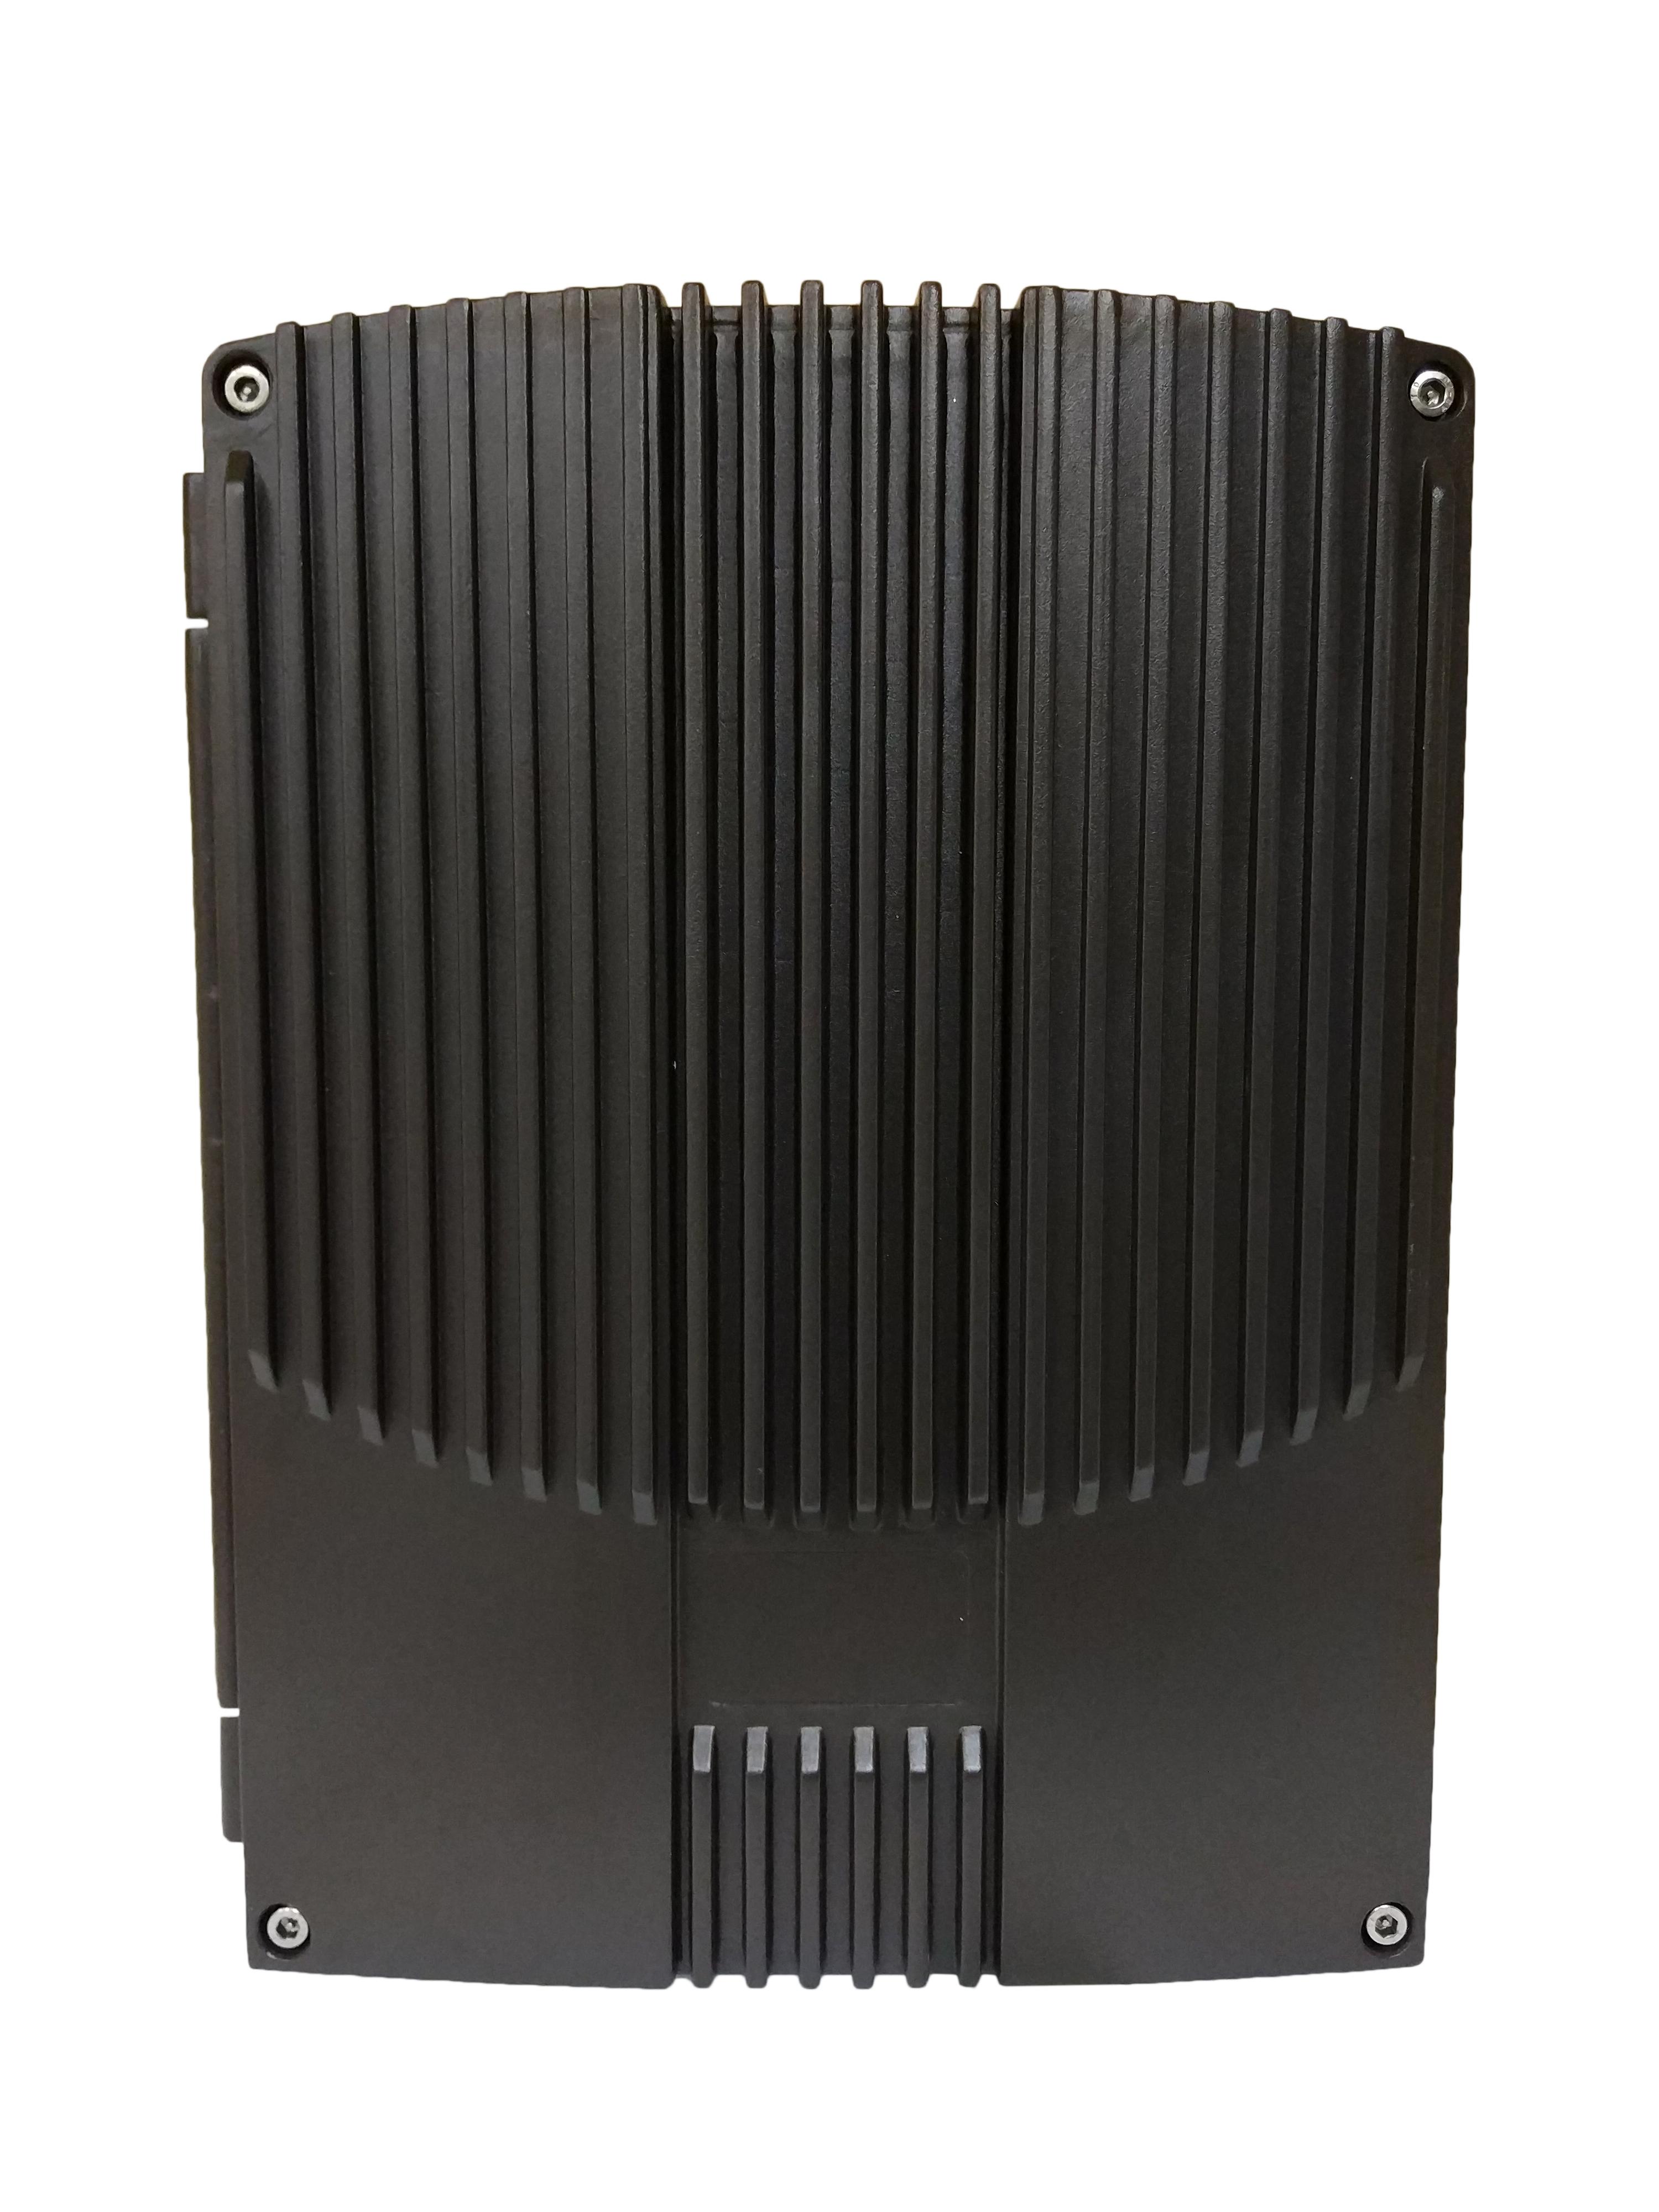 Линейный усилитель (бустер) в стандарте связи 3G 2100 МГц - MediaWave MWS-W-BST40